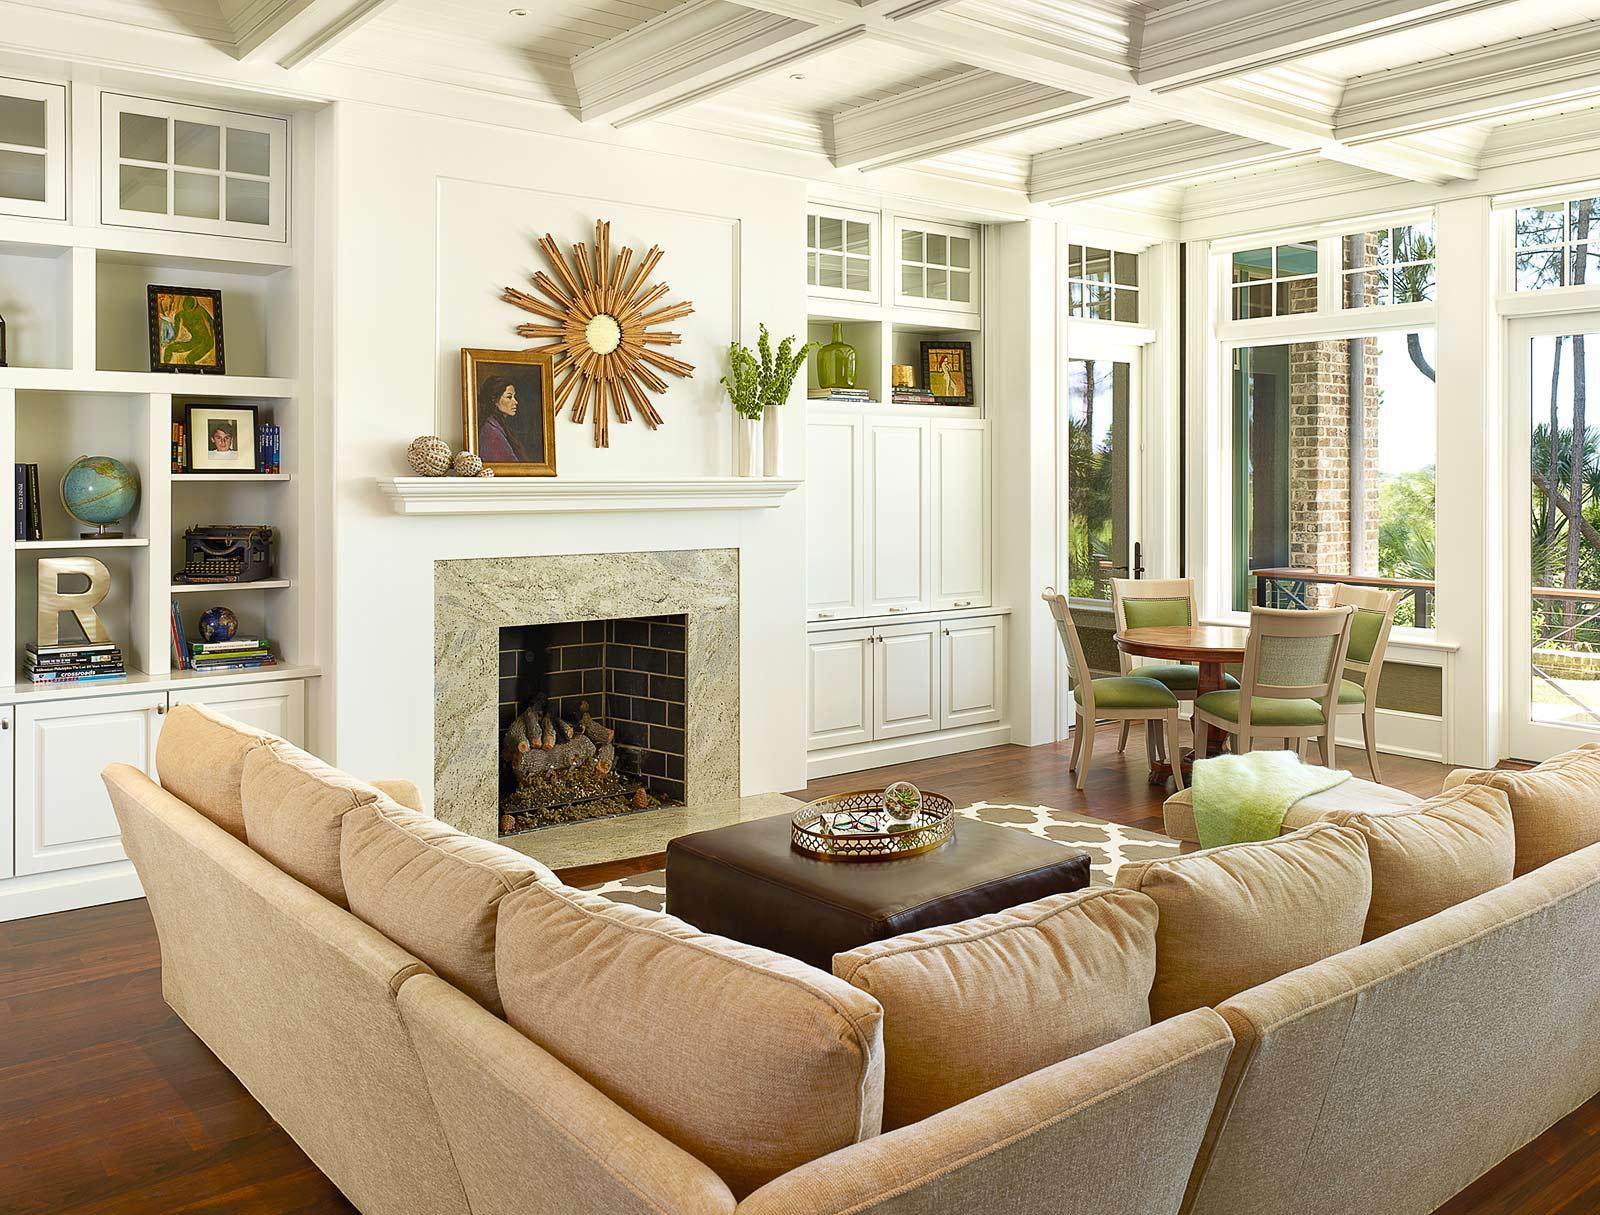 美式风格别墅客厅装修效果图